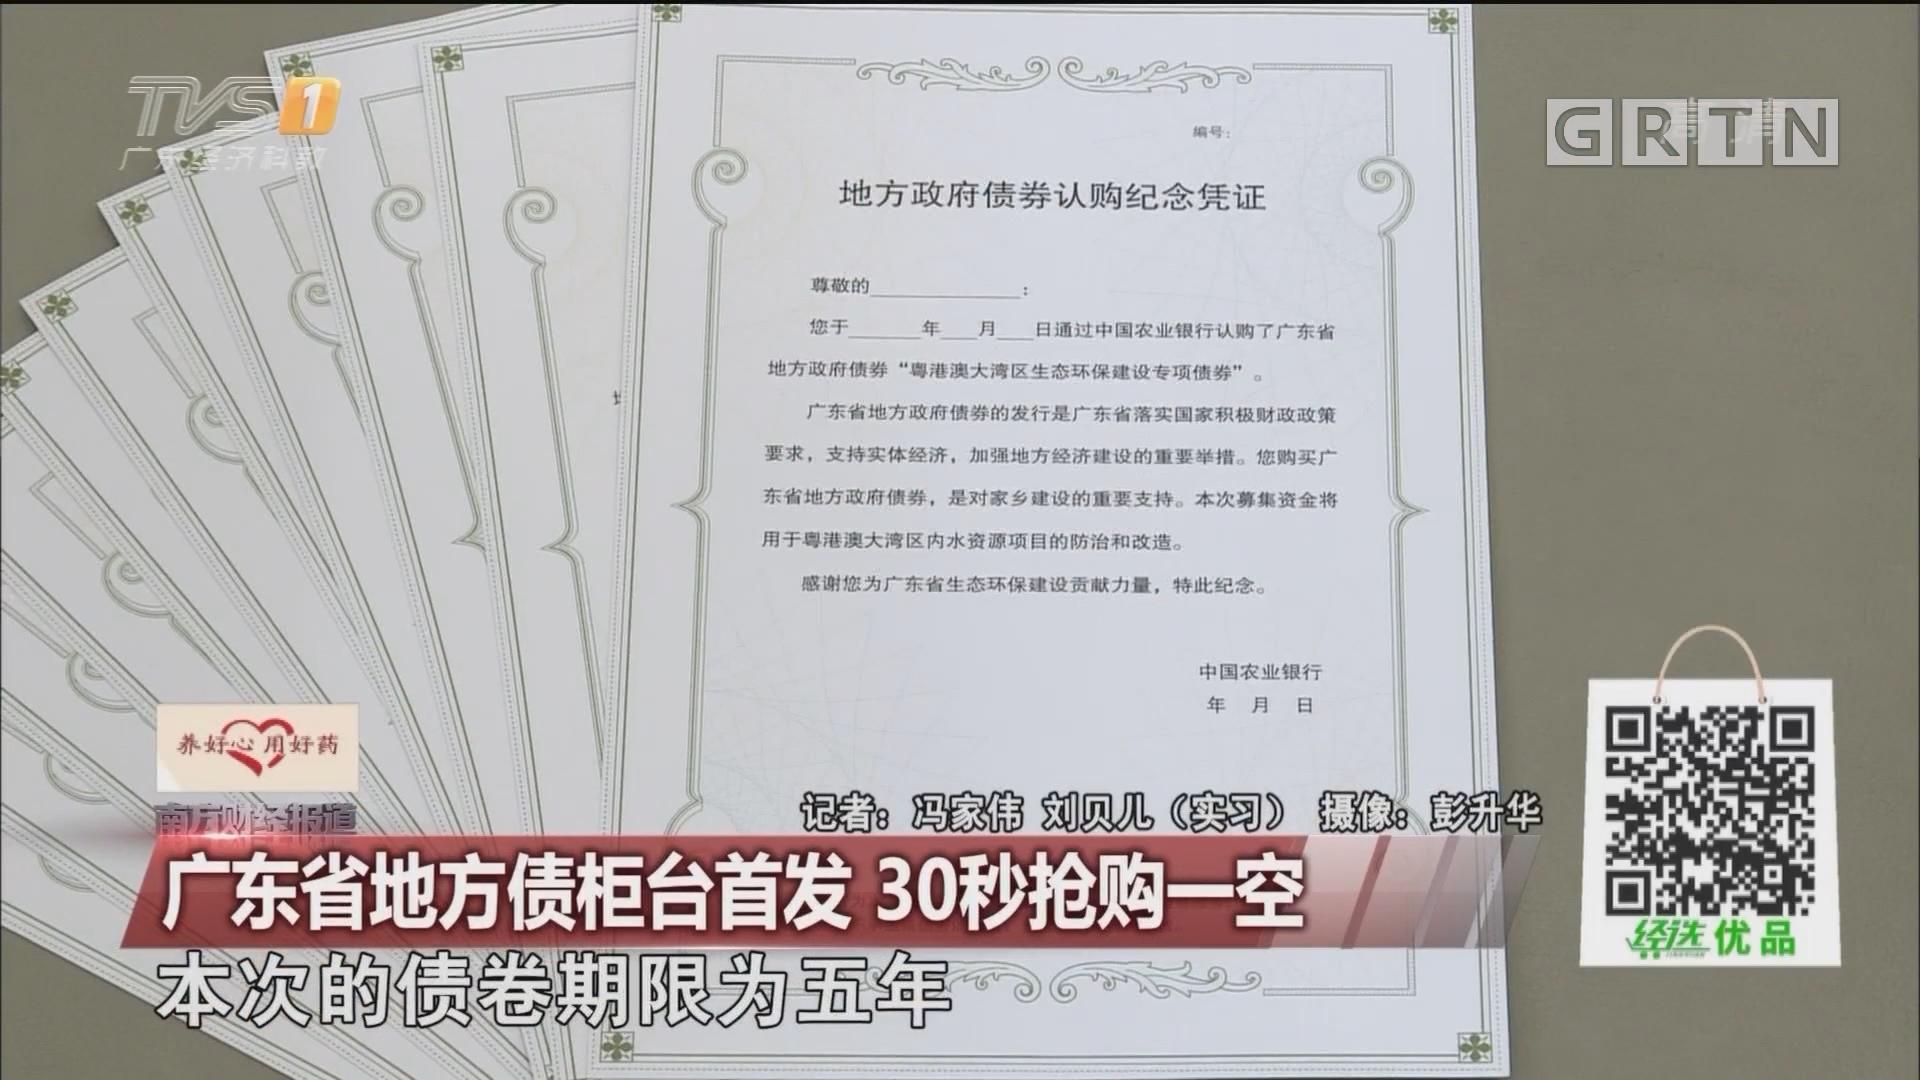 广东省地方债柜台首发 30秒抢购一空